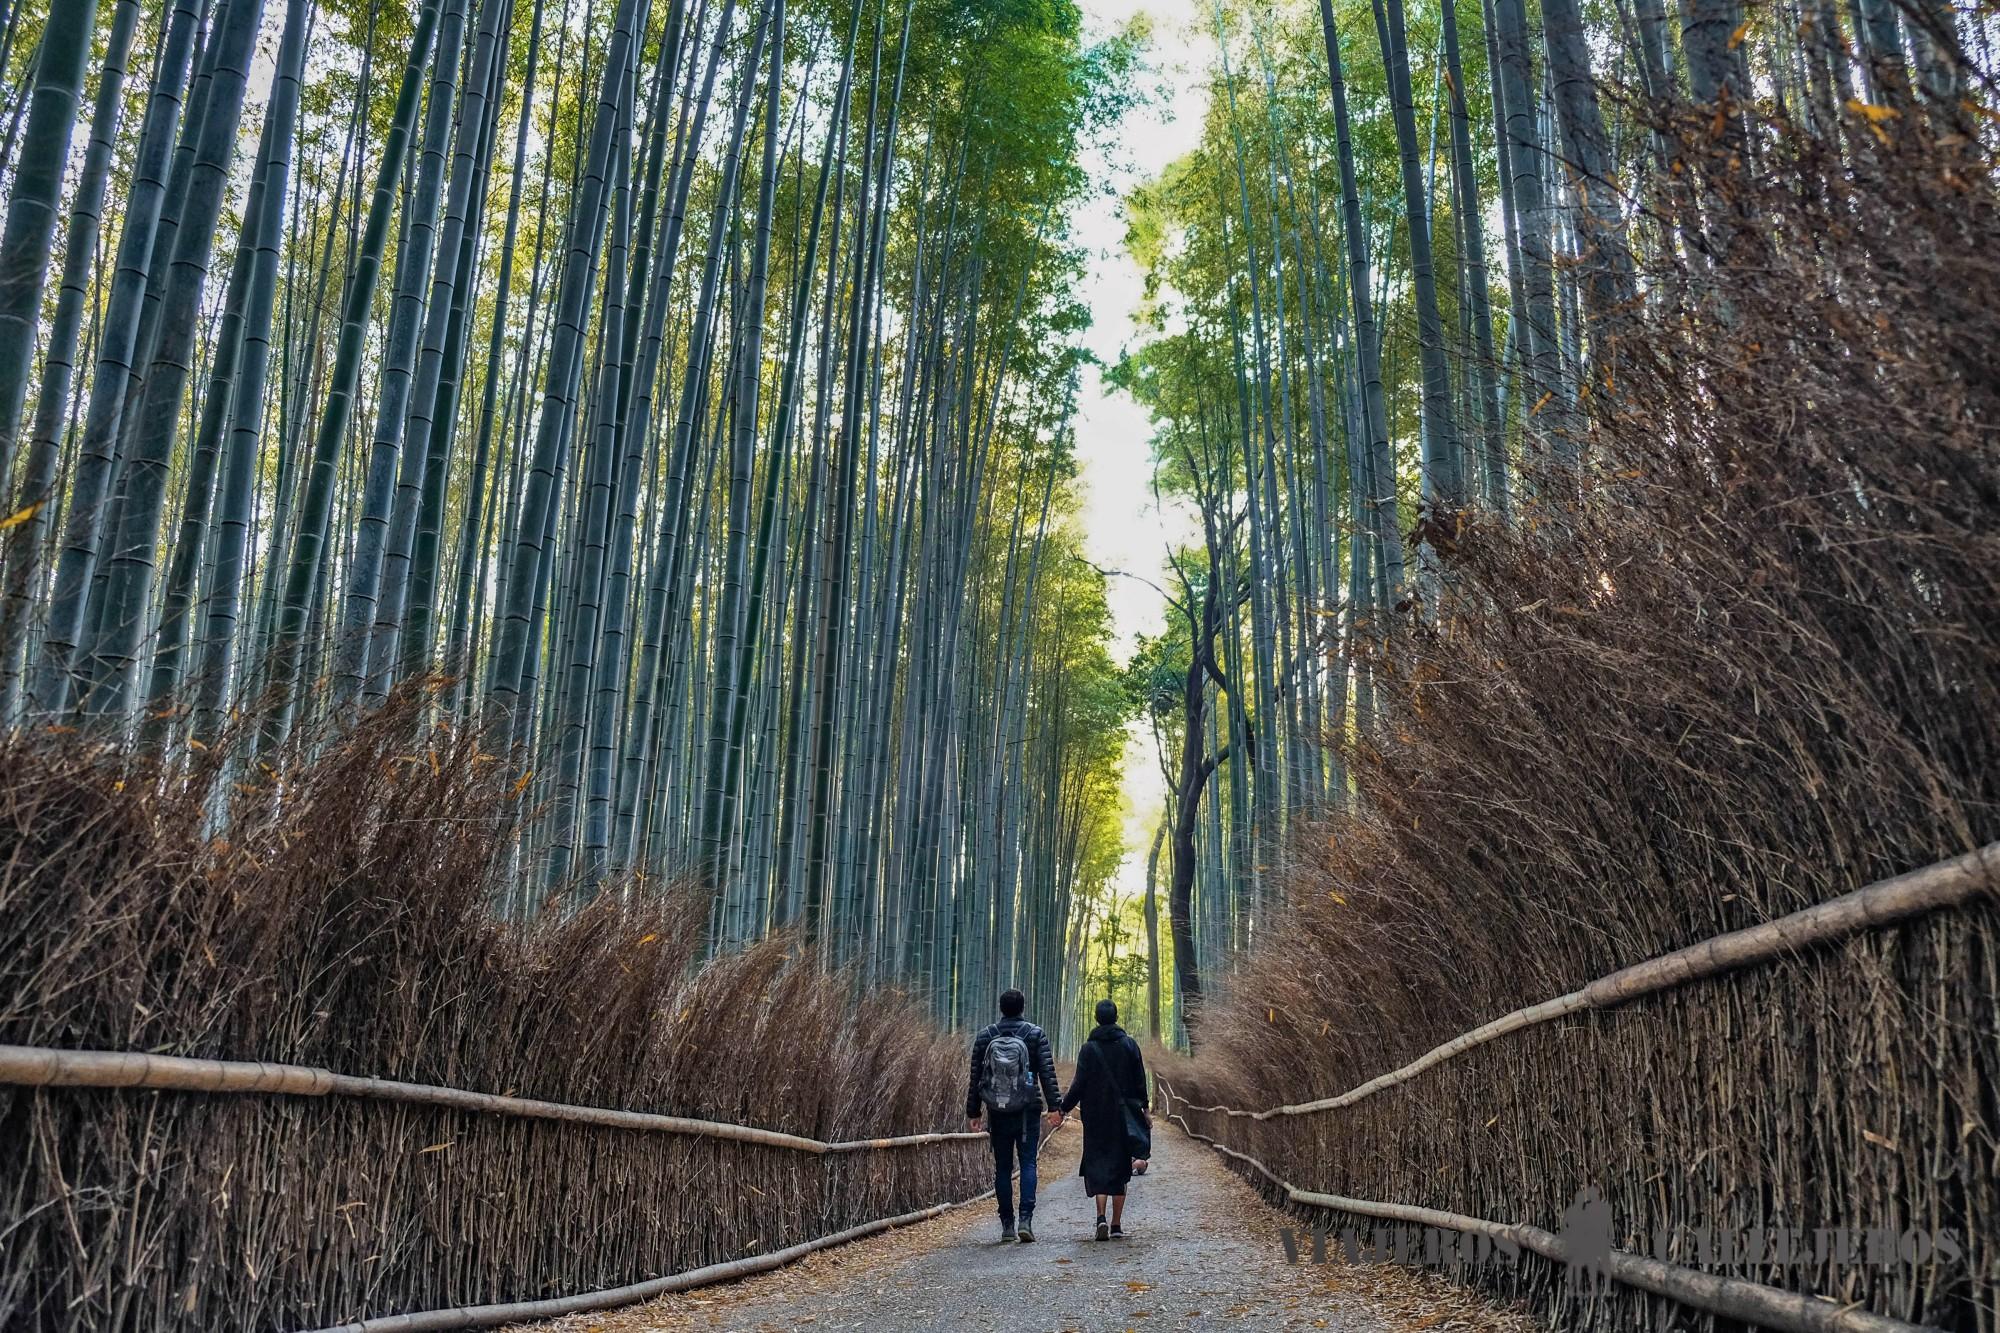 ENTREVISTA: Viajeros Callejeros - Viajeros por el Mundo